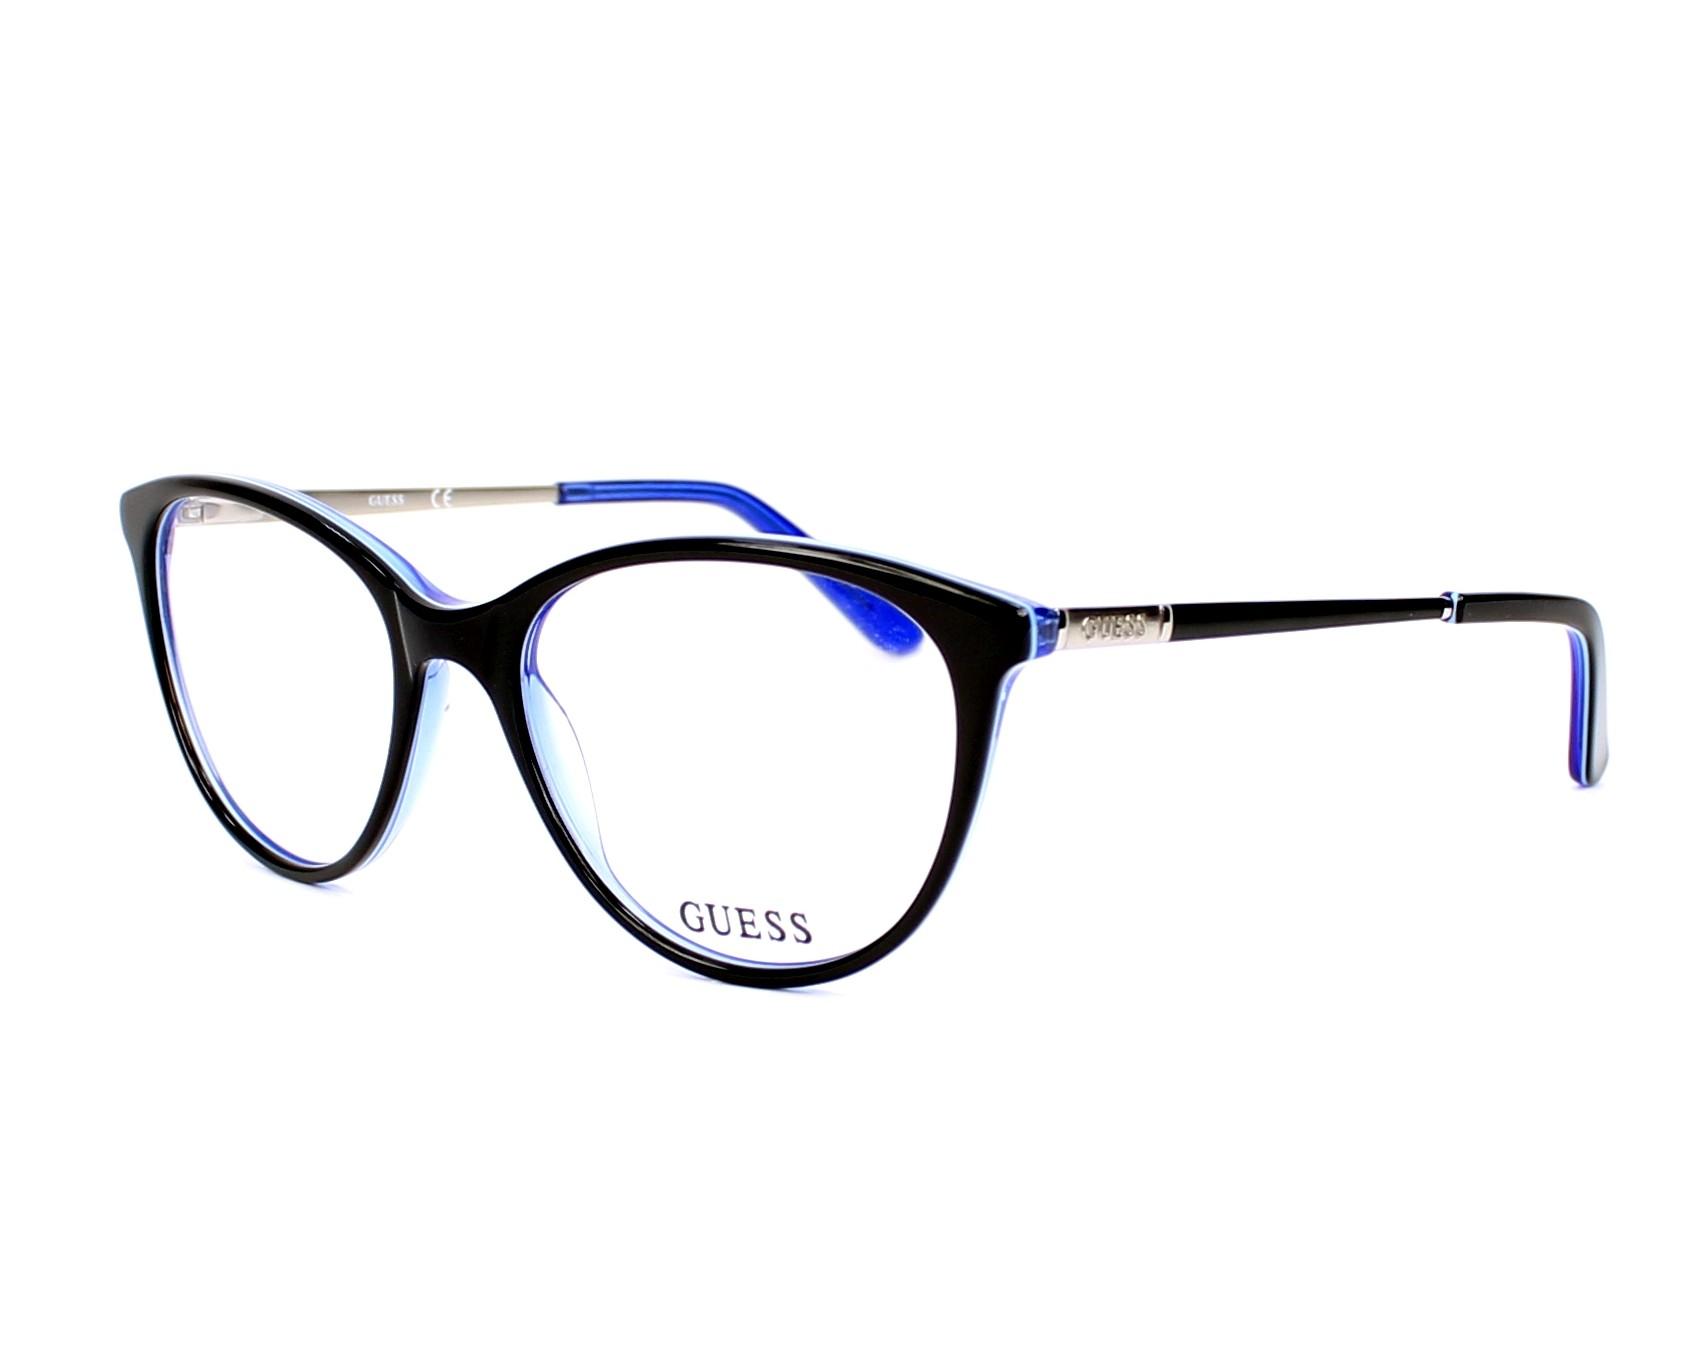 0d1993845a4ae6 lunettes de vue guess gu 2565 001 noir monture femmes taille 52 pour 114 00